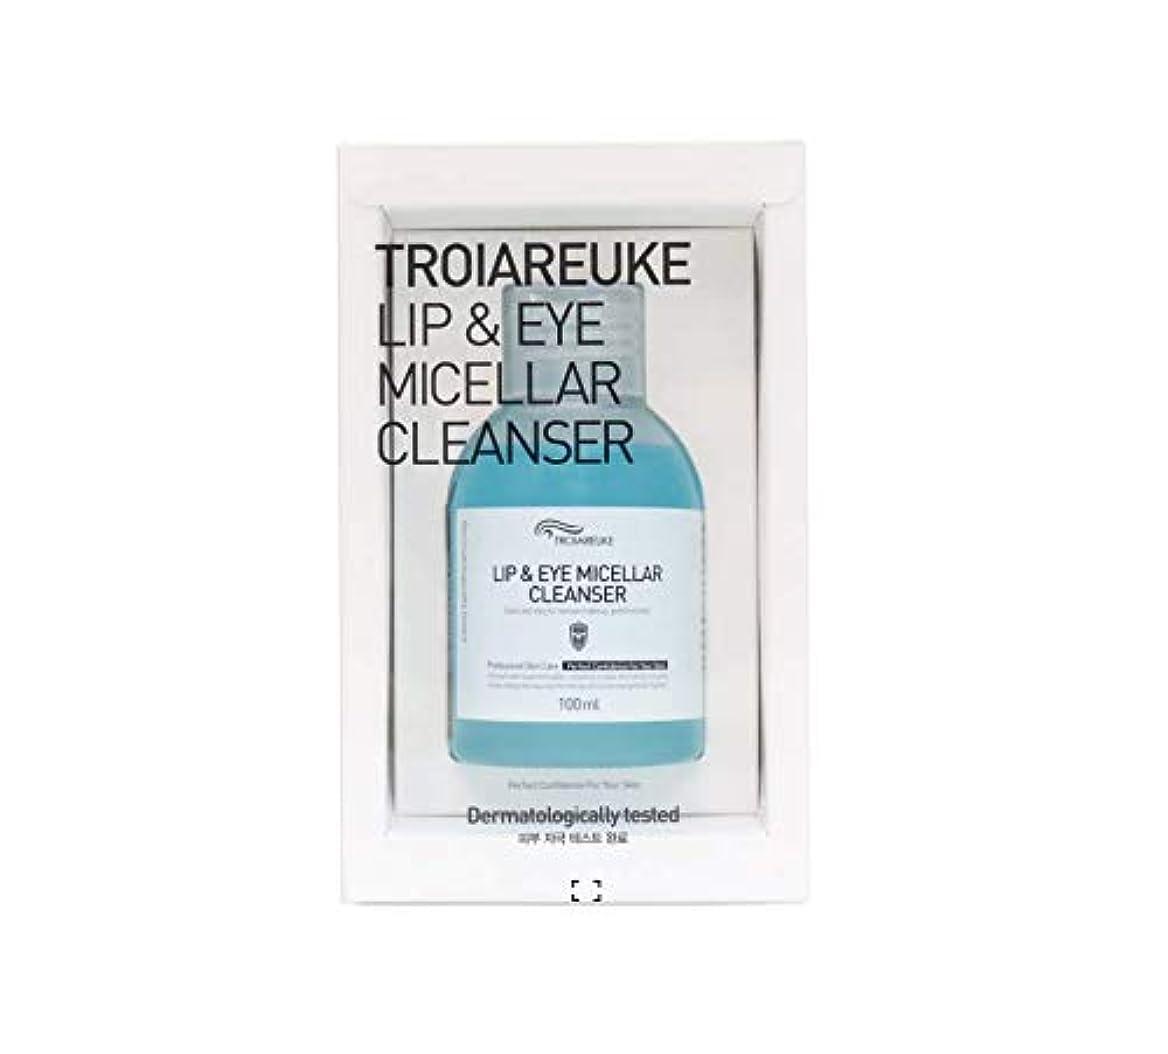 堂々たるパシフィック受賞TROIAREUKE (トロイアルケ) リップ & アイ ミセラー クレンザー / Lip & Eye Micellar Cleanser (100ml) [並行輸入品]